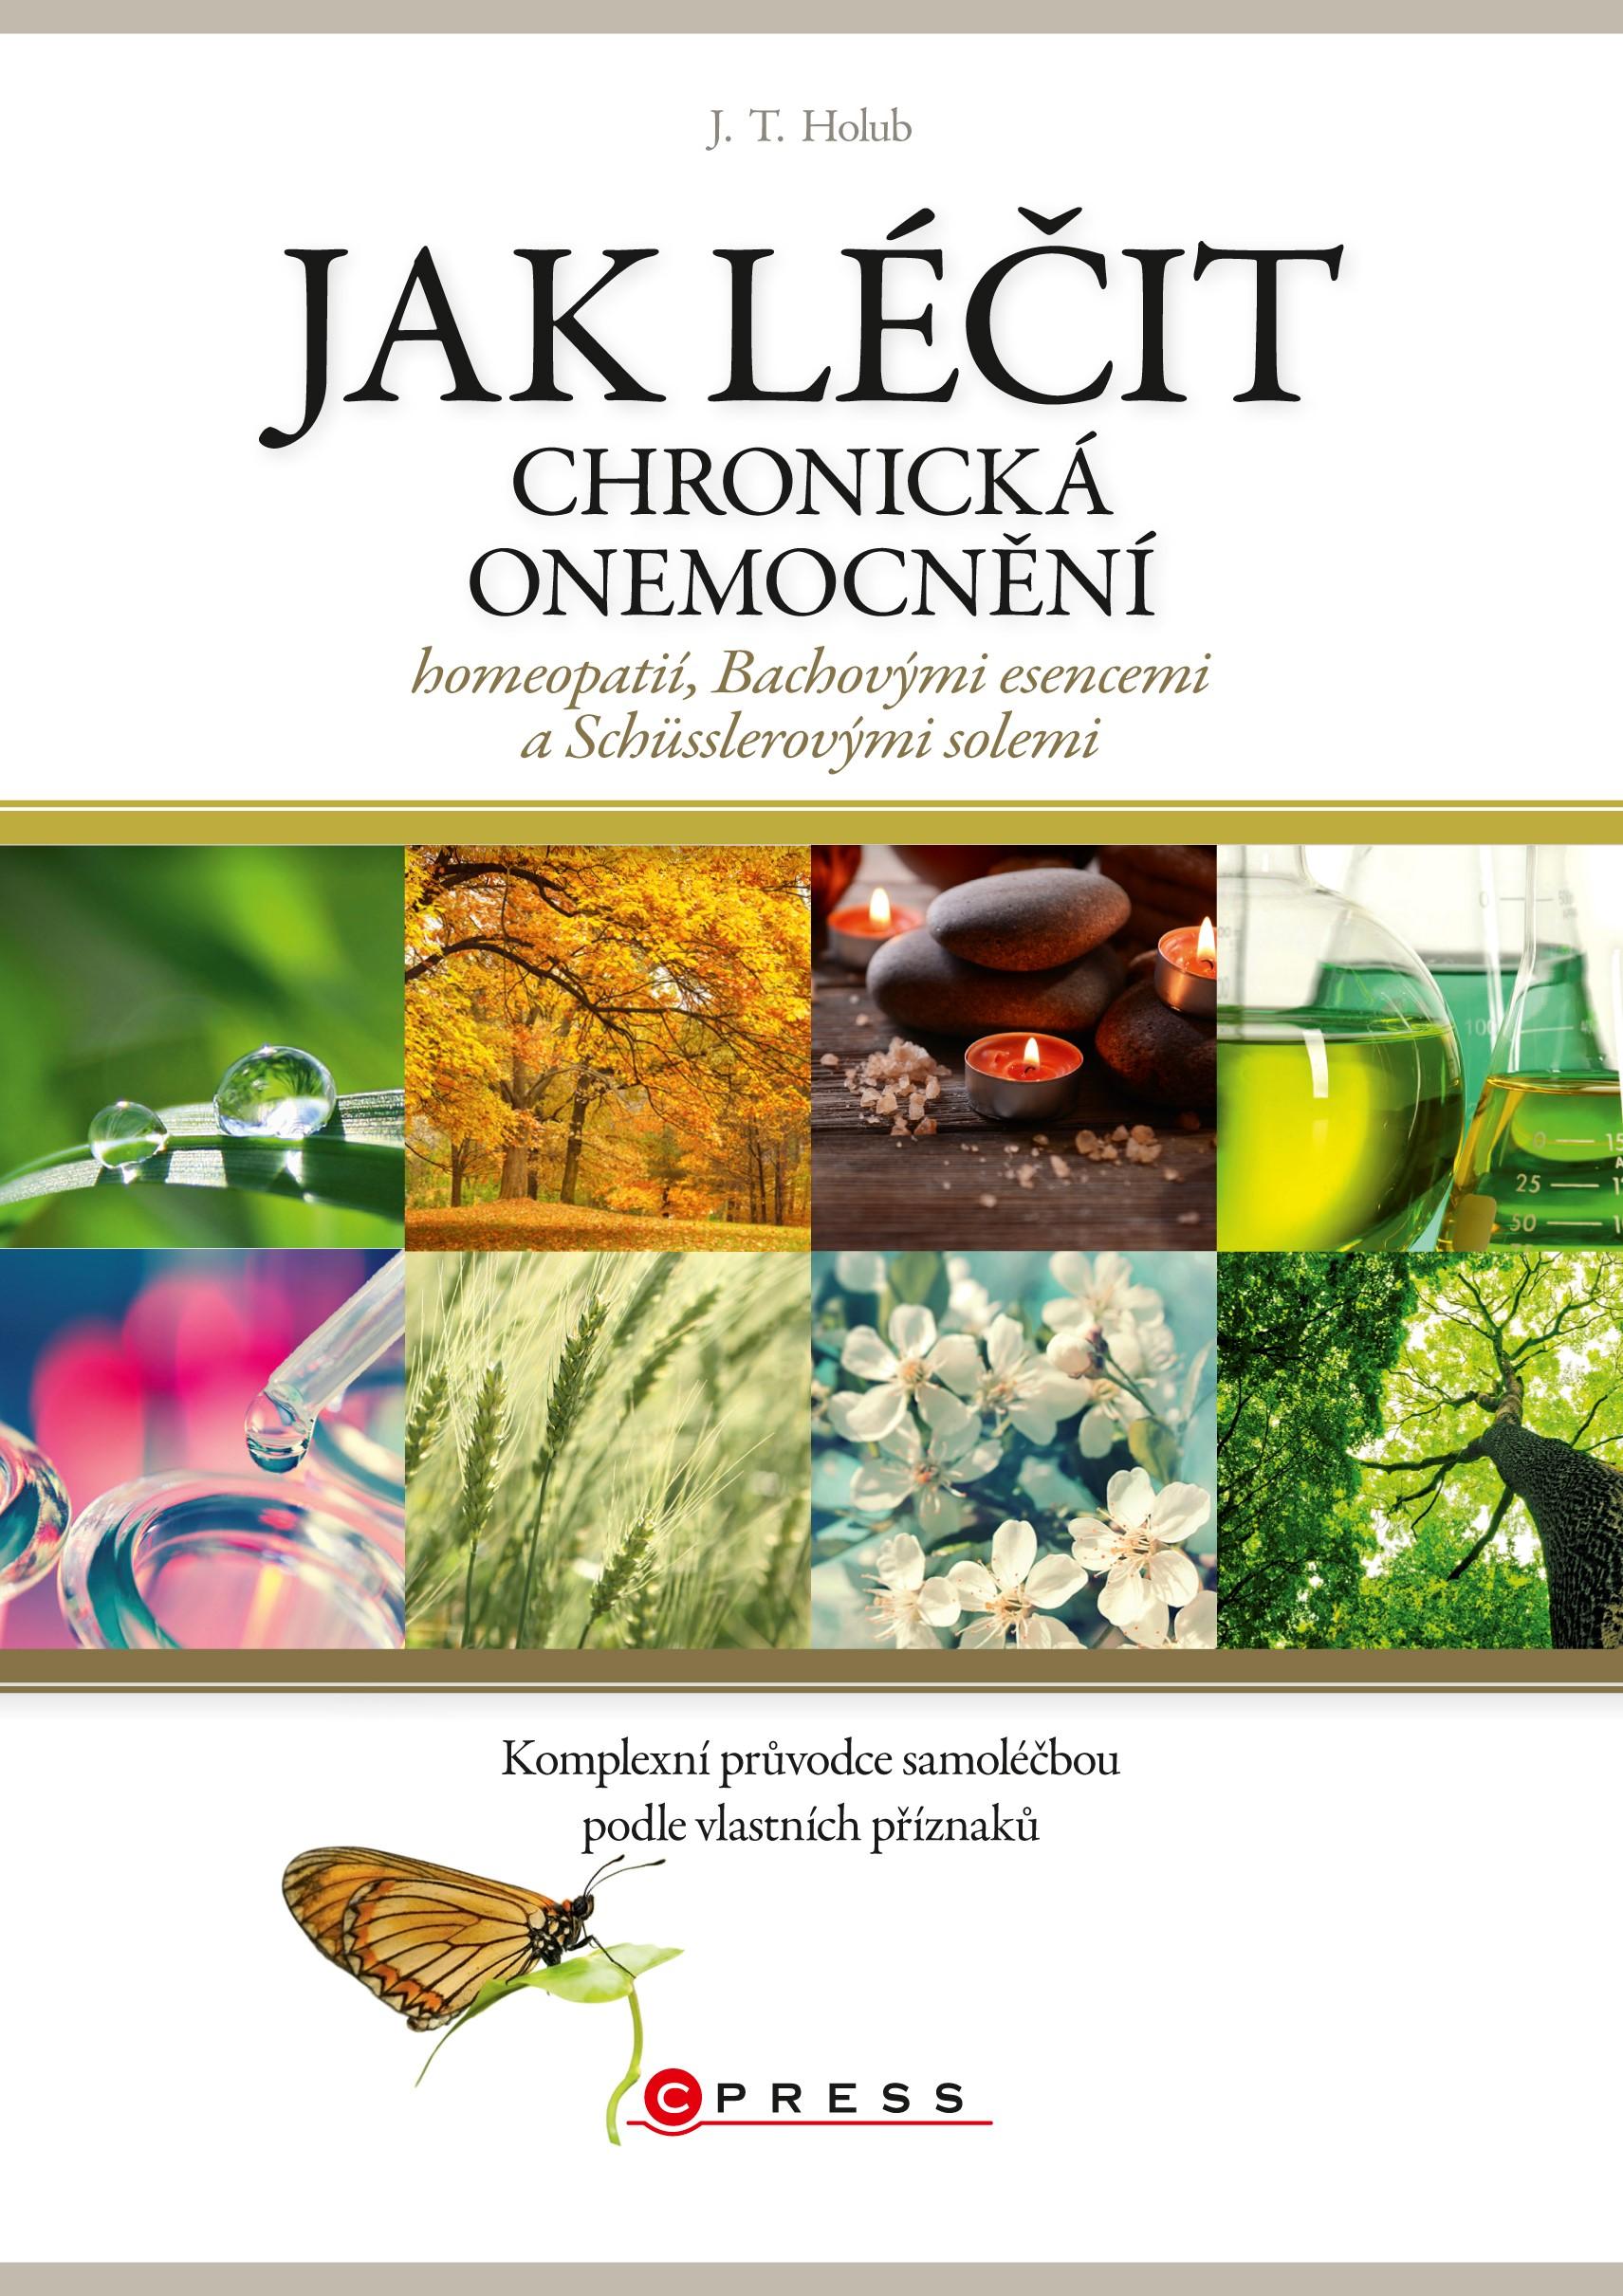 Jak léčit chronická onemocnění | J. T. Holub